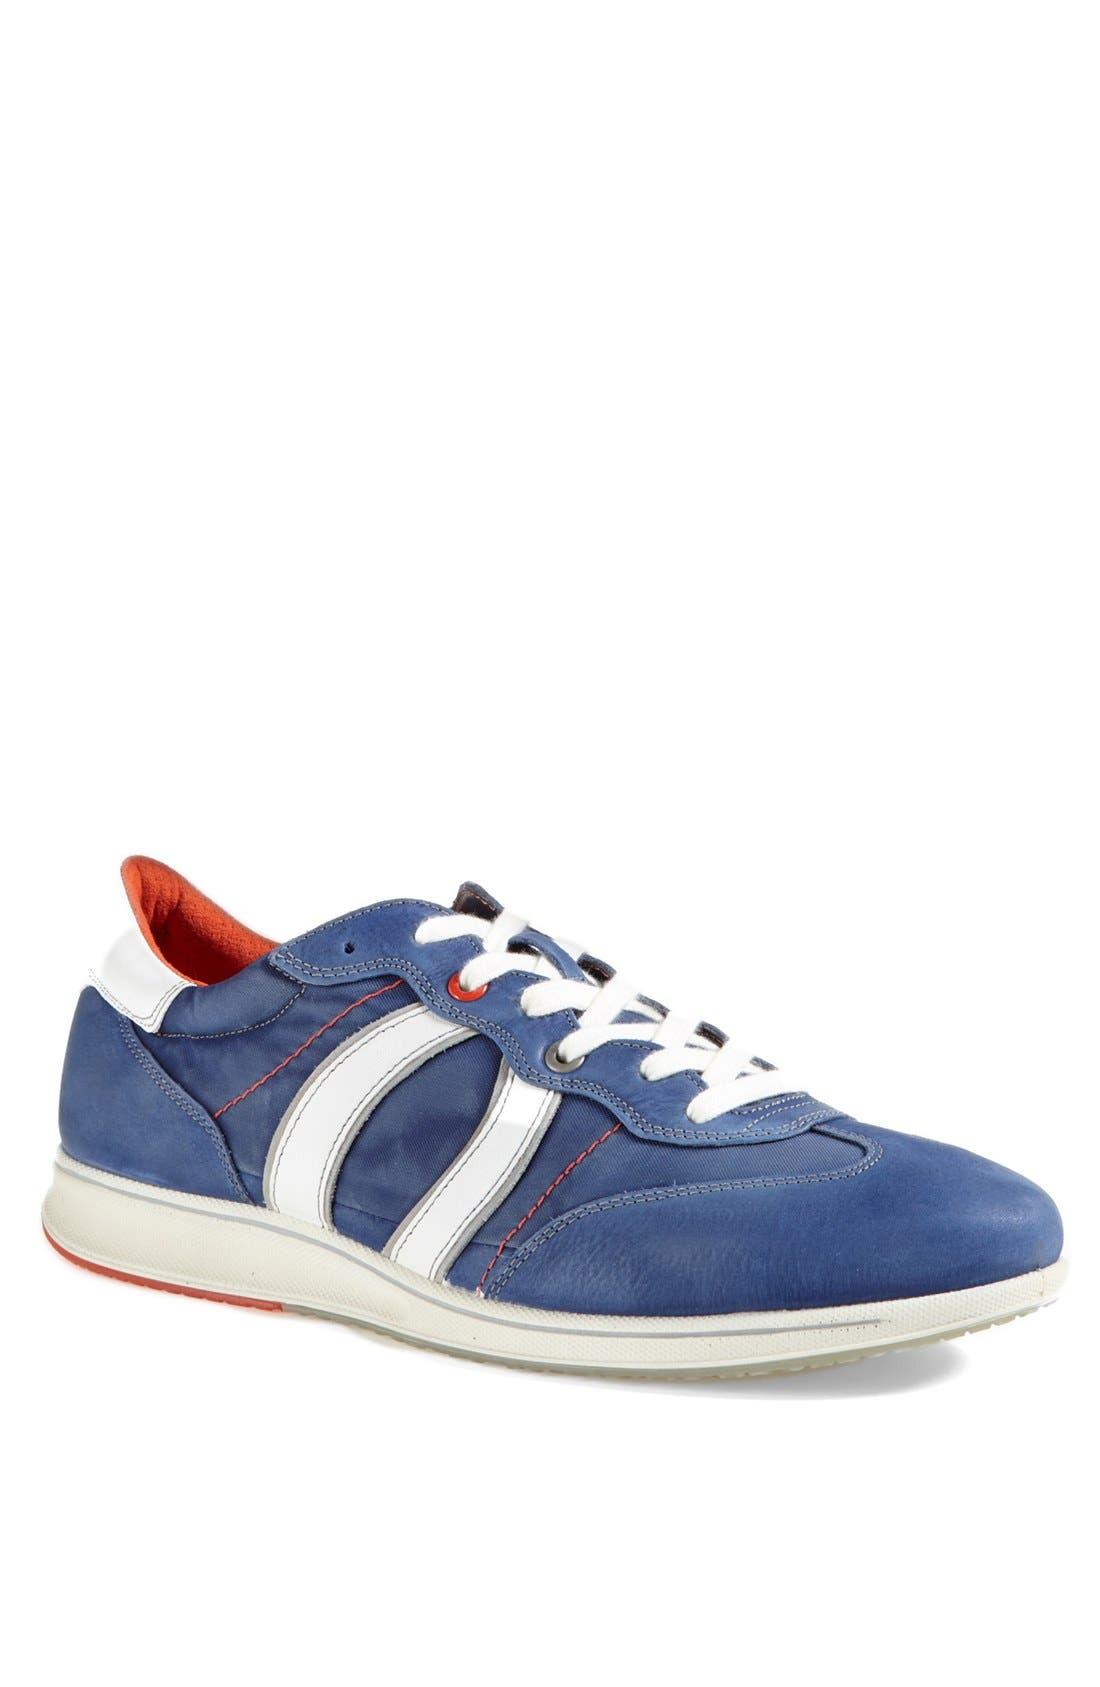 Alternate Image 1 Selected - ECCO 'Jogga' Sneaker